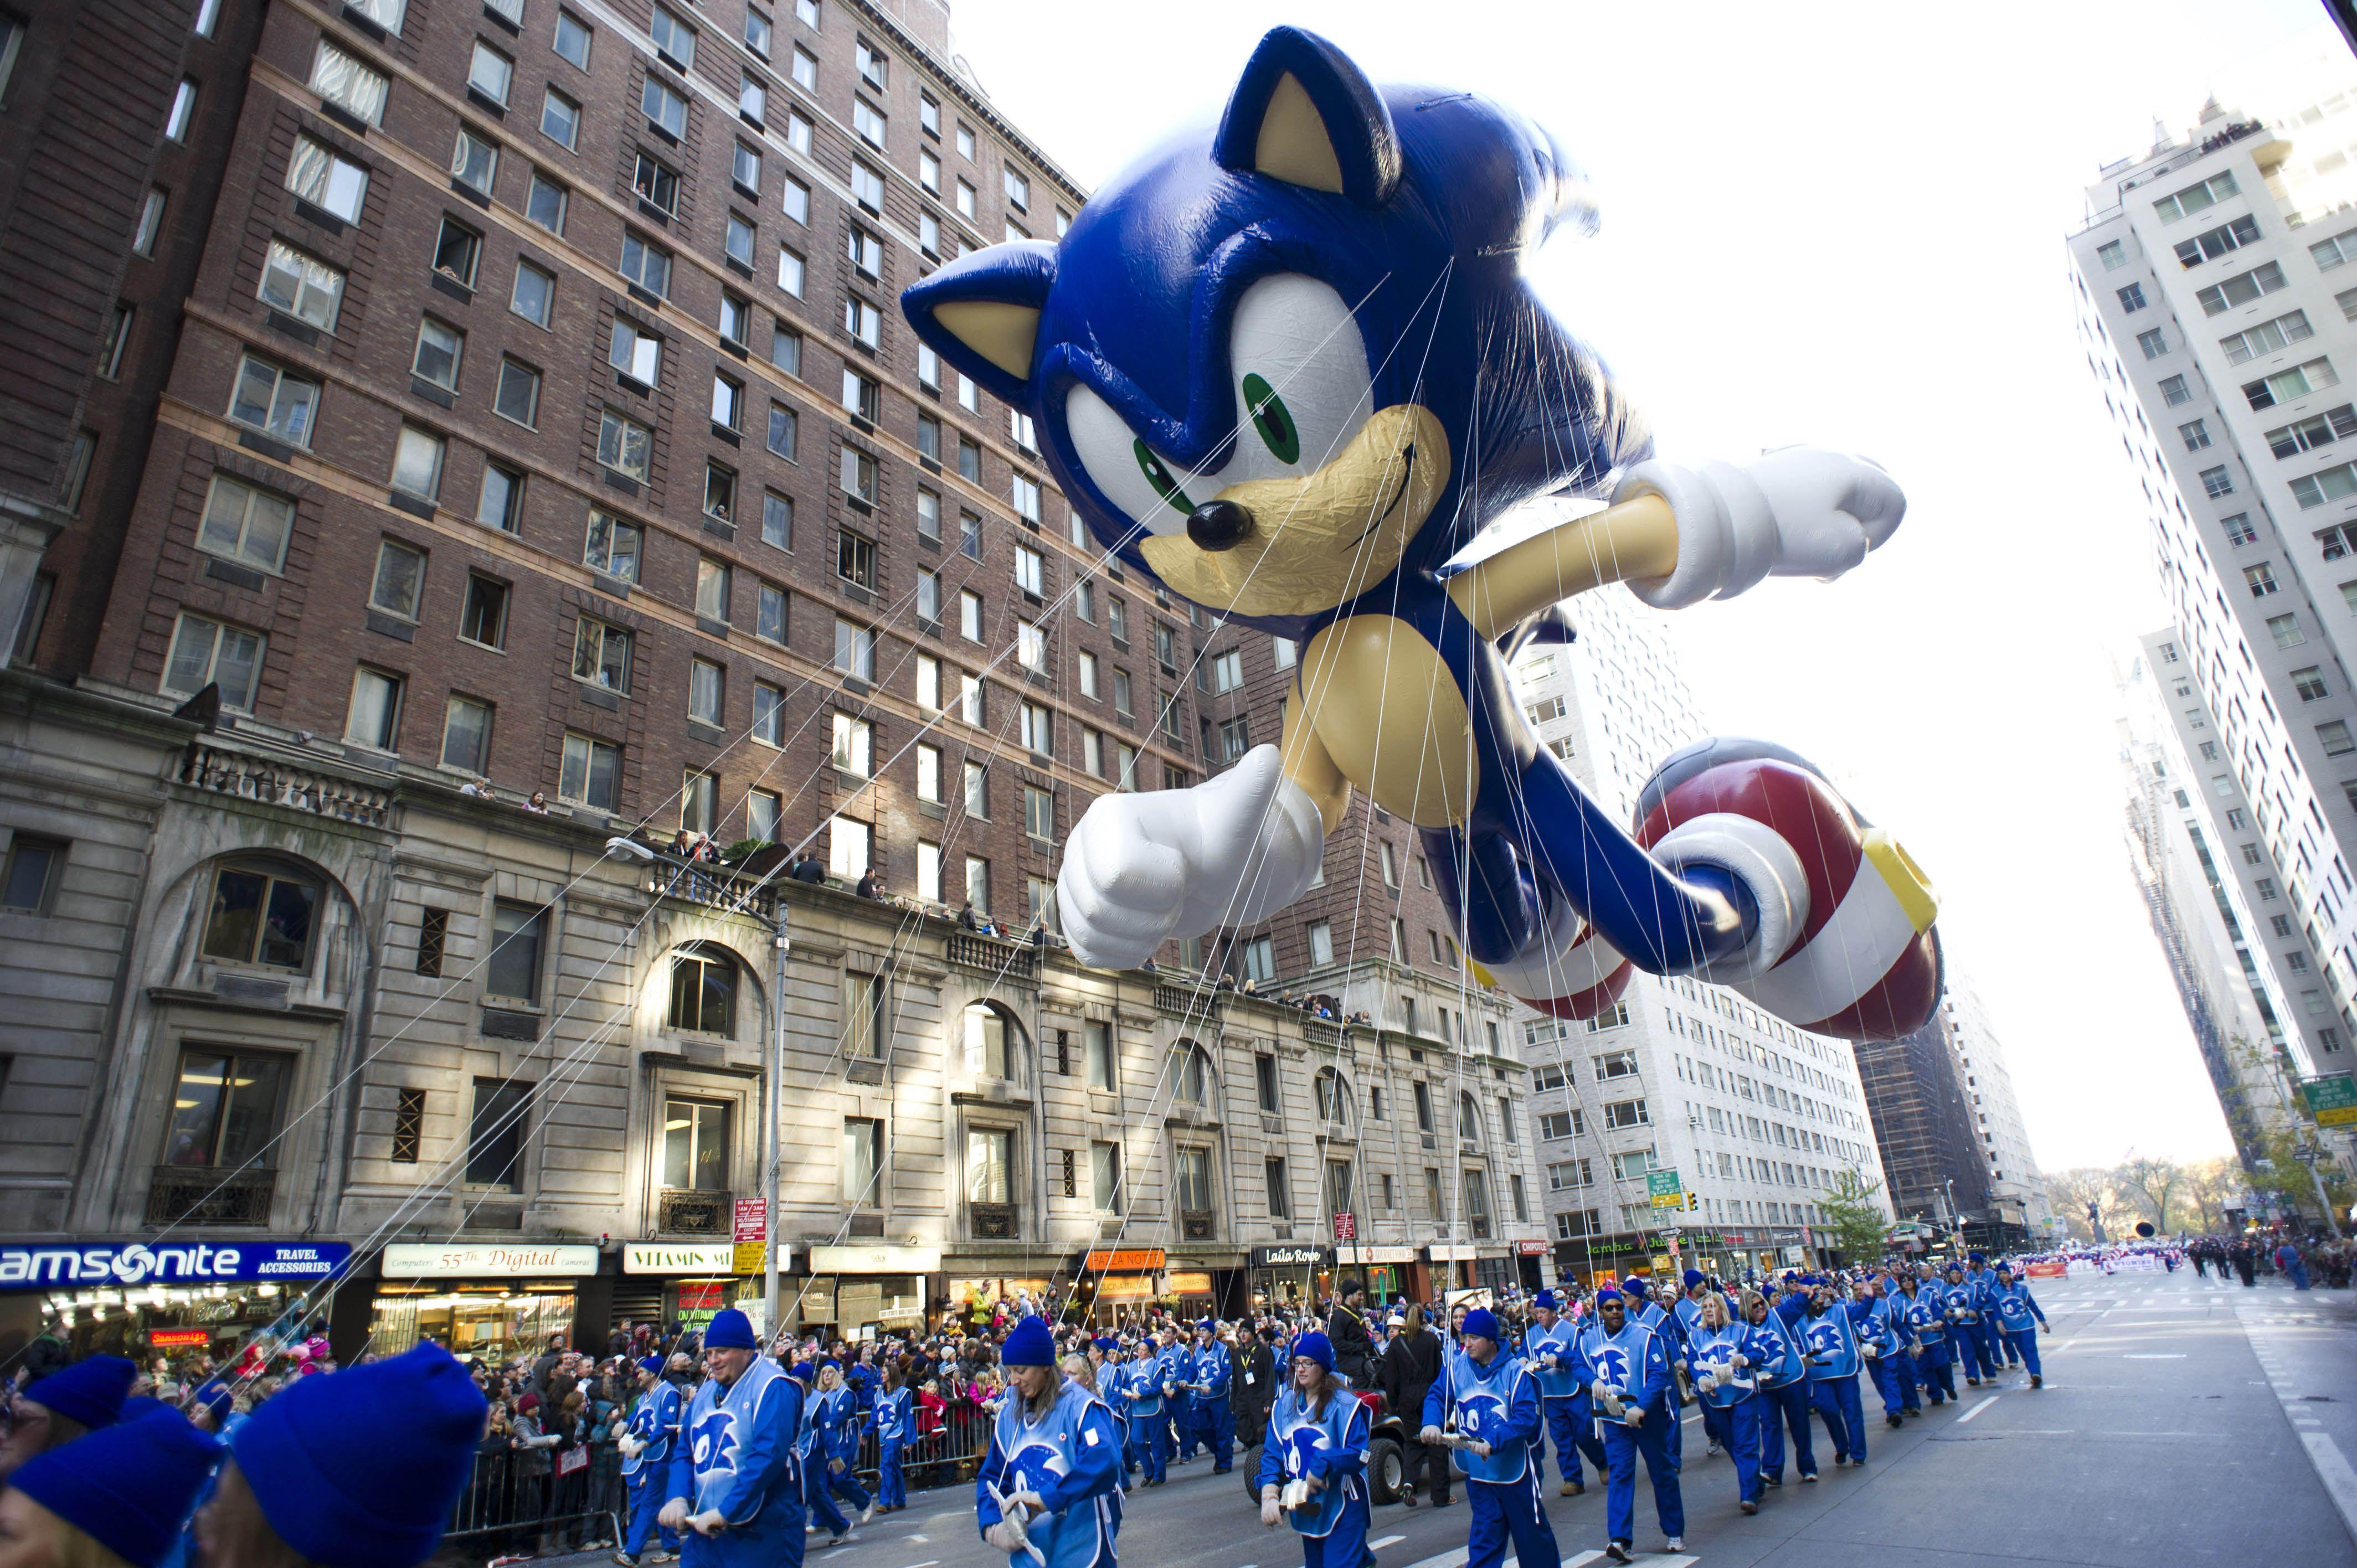 Macy Balloon Parade 2012 ค นหาด วย Google Macys Parade Thanksgiving Parade Thanksgiving Day Parade